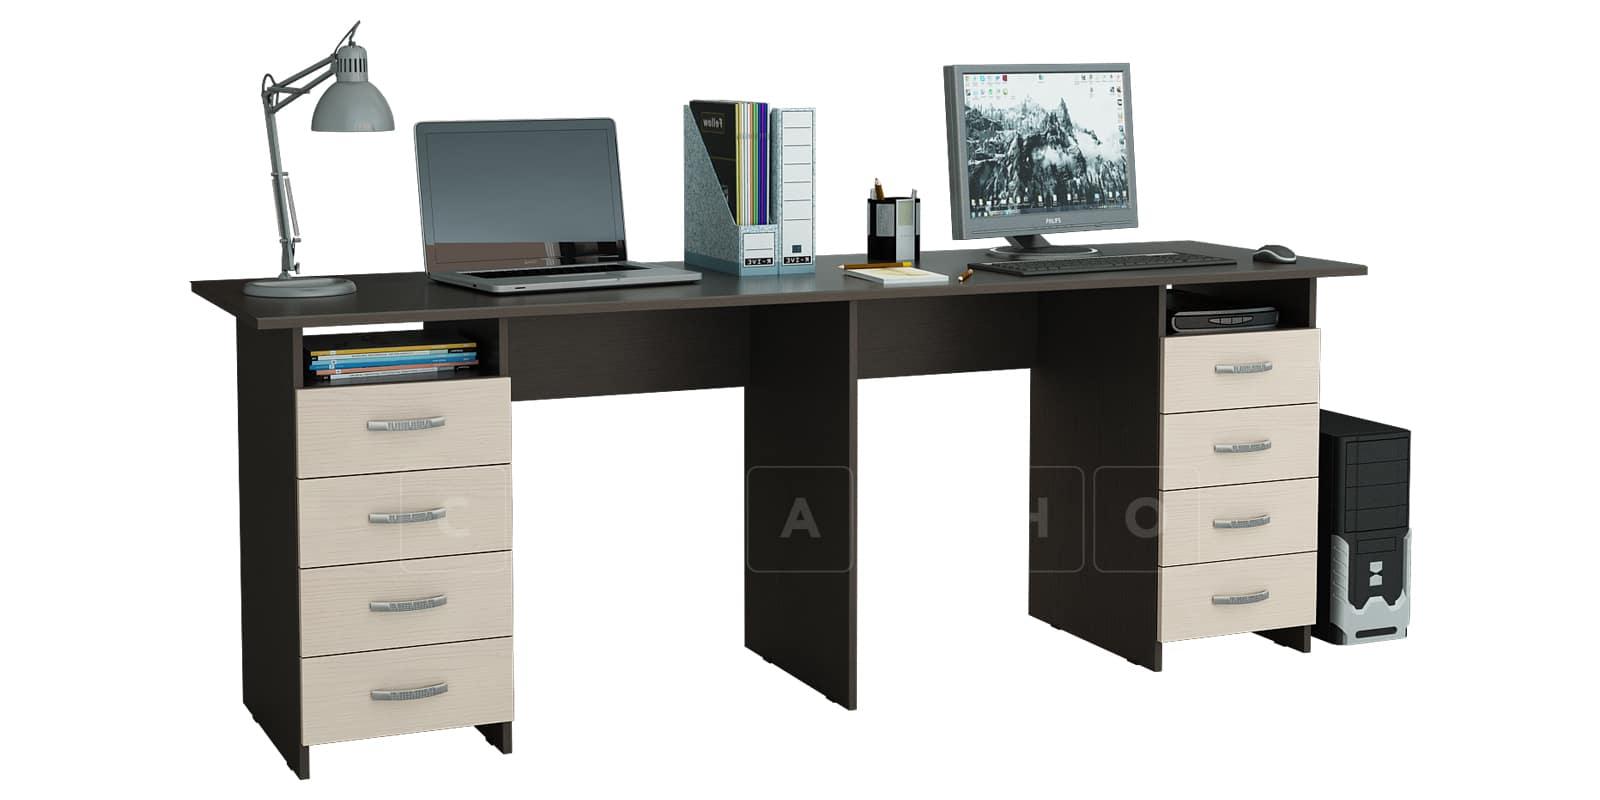 Офисный стол Кейптаун с двумя тумбами фото 2   интернет-магазин Складно